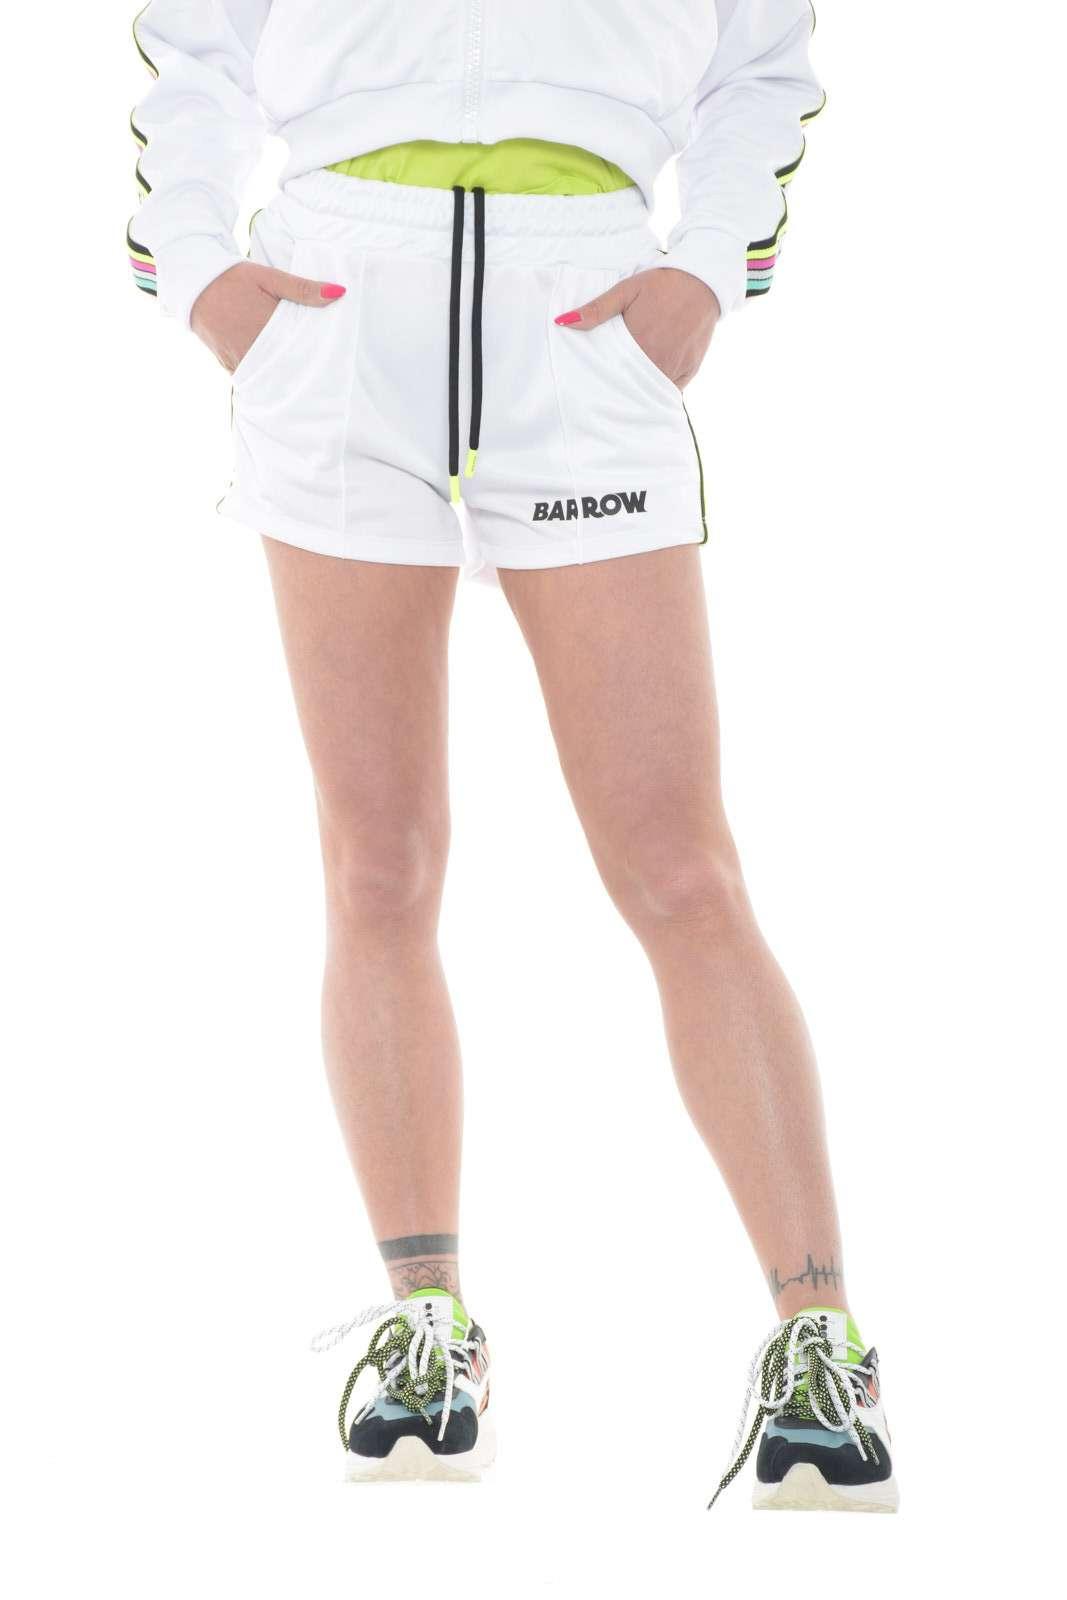 Per un look estivo e frizzante, Barrow propone uno shorts dal gusto street. La piega centrale cucita e le bande laterali multicolore lo rendono unico e irriverente. Con una sneakers chunky risolve gli outfit più estremi.